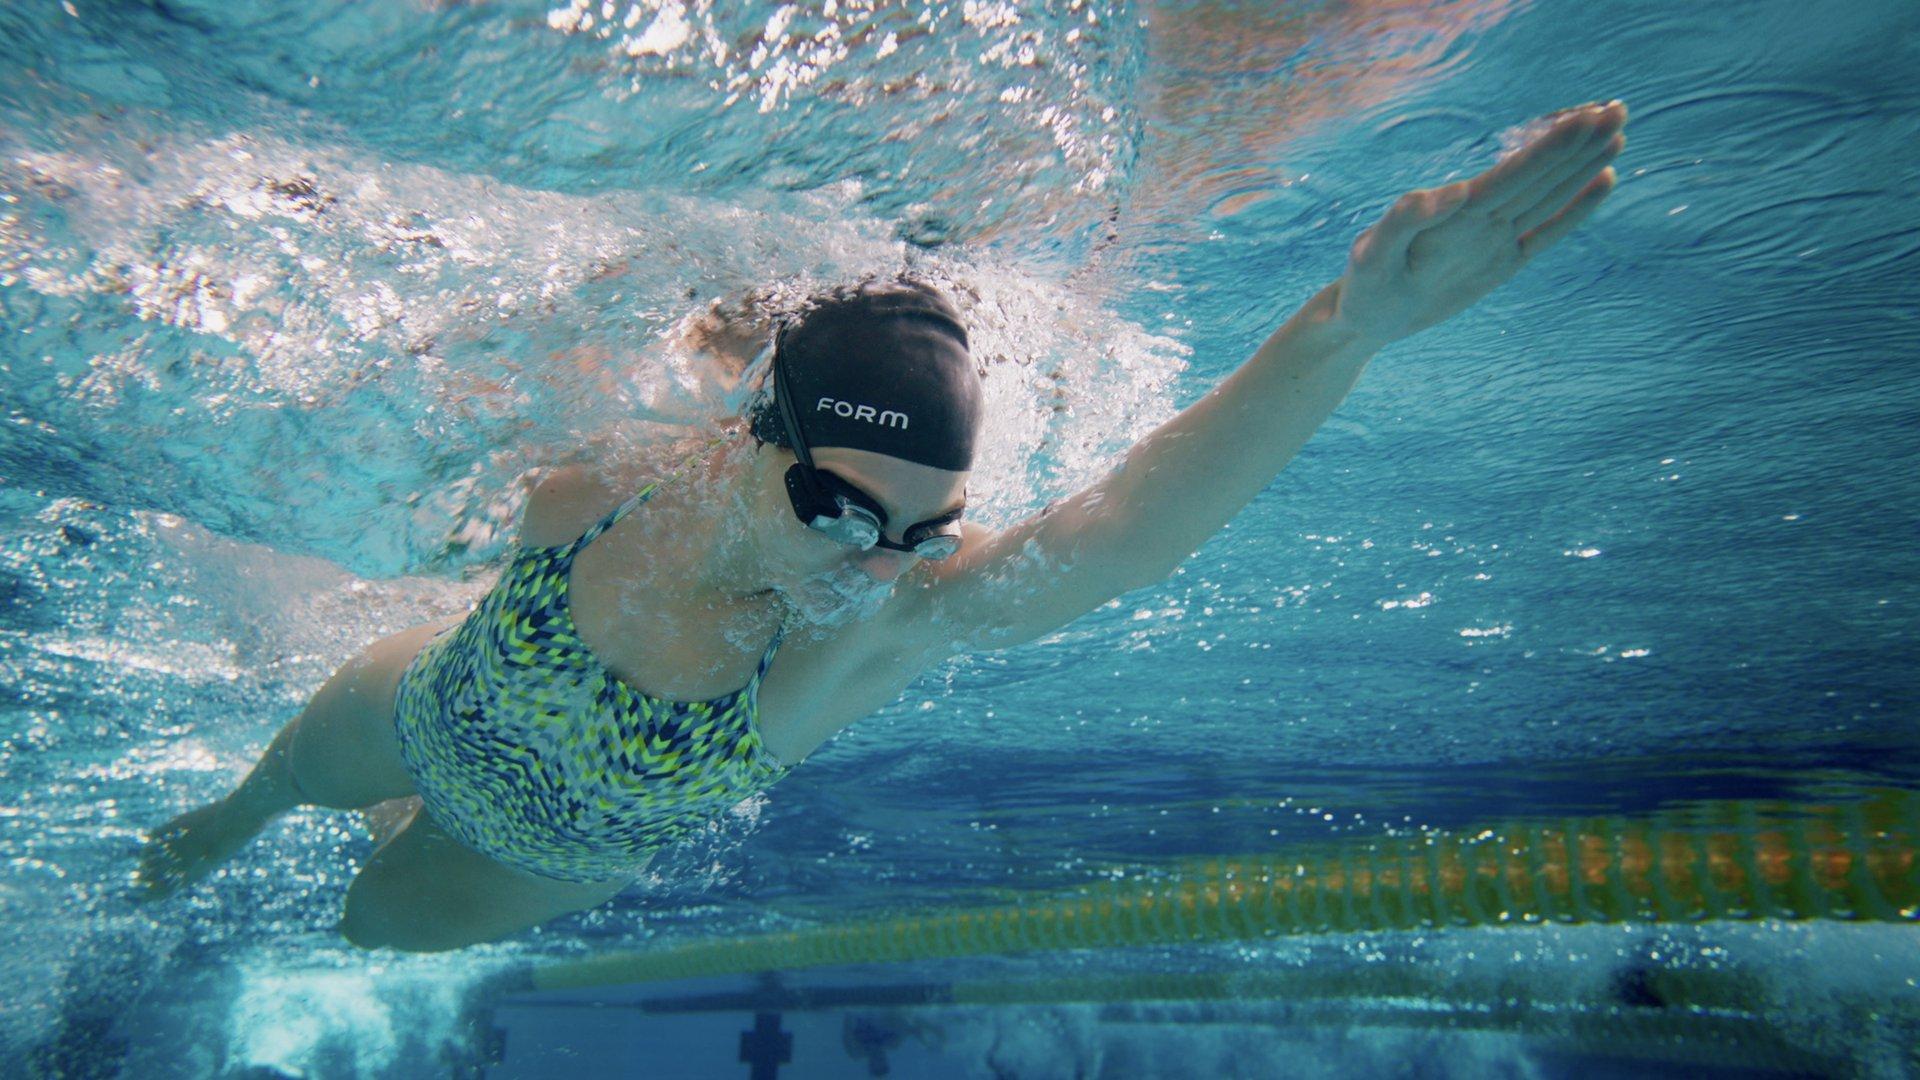 Swim with Form